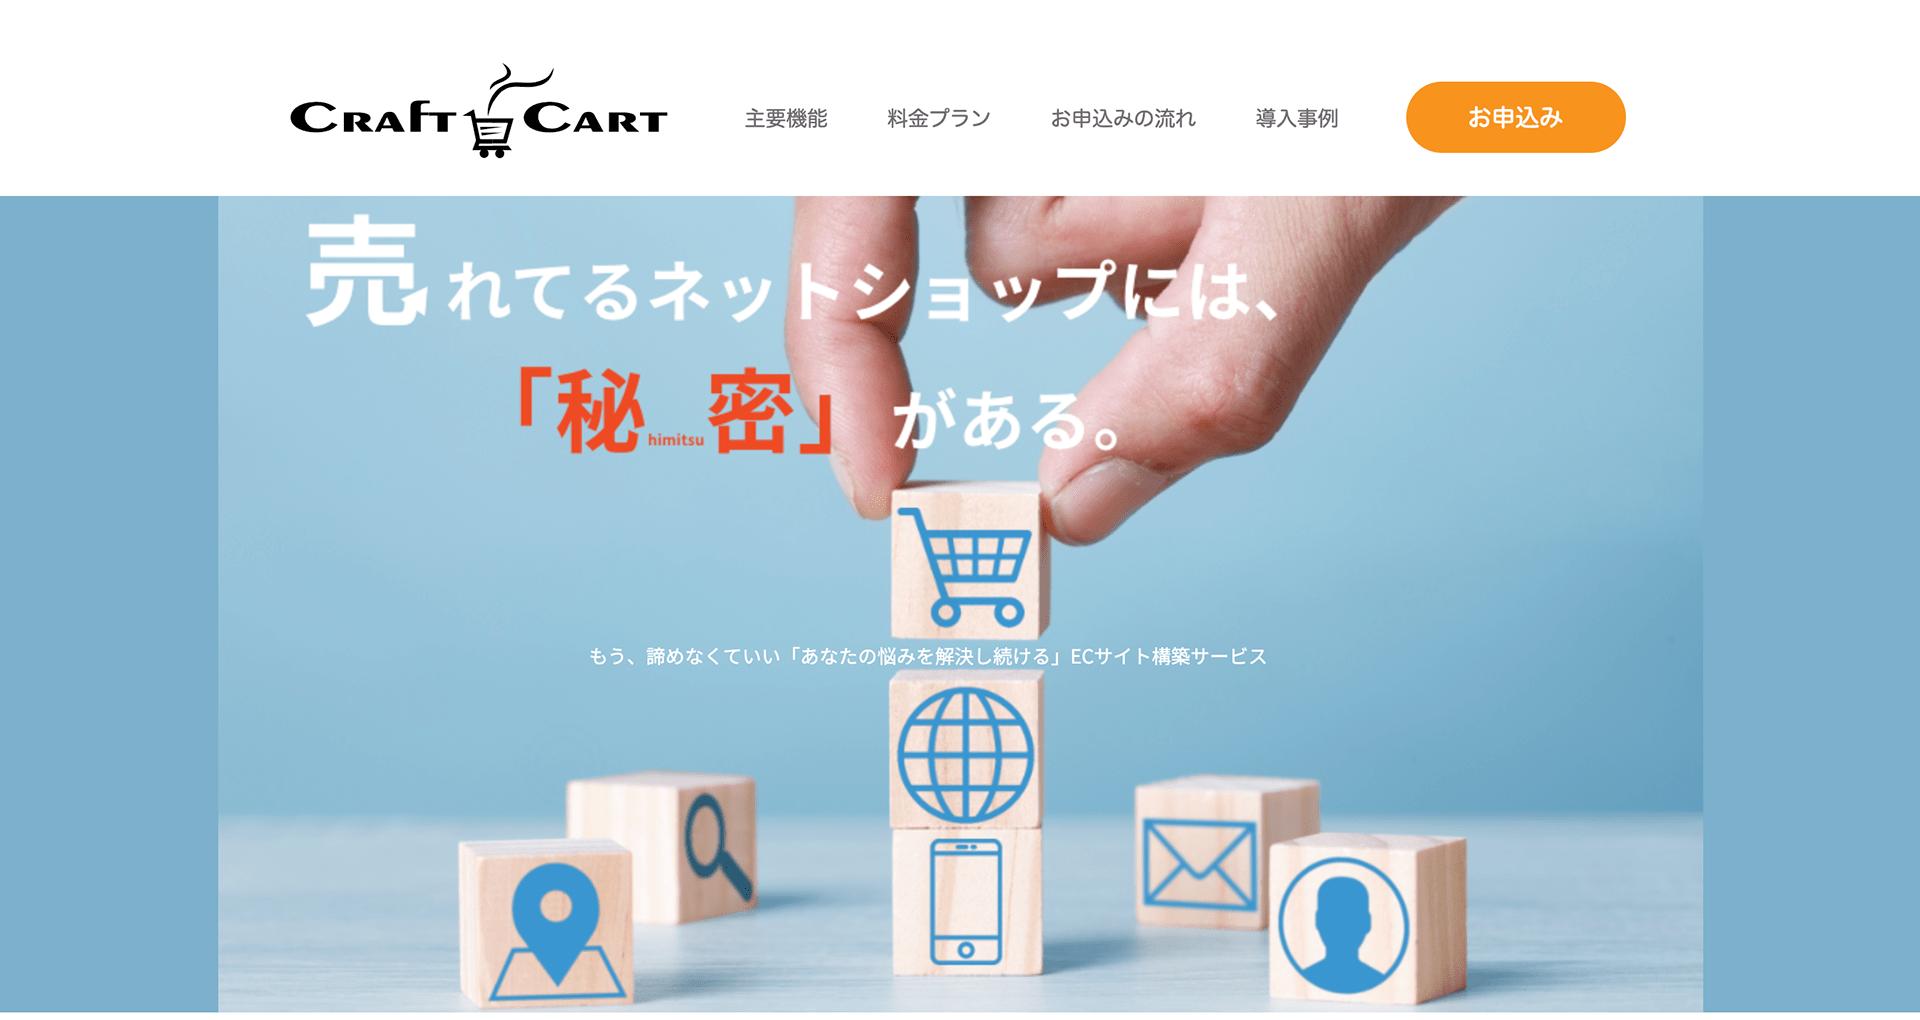 screenshot-www_craftcart_jp-2020_02-2